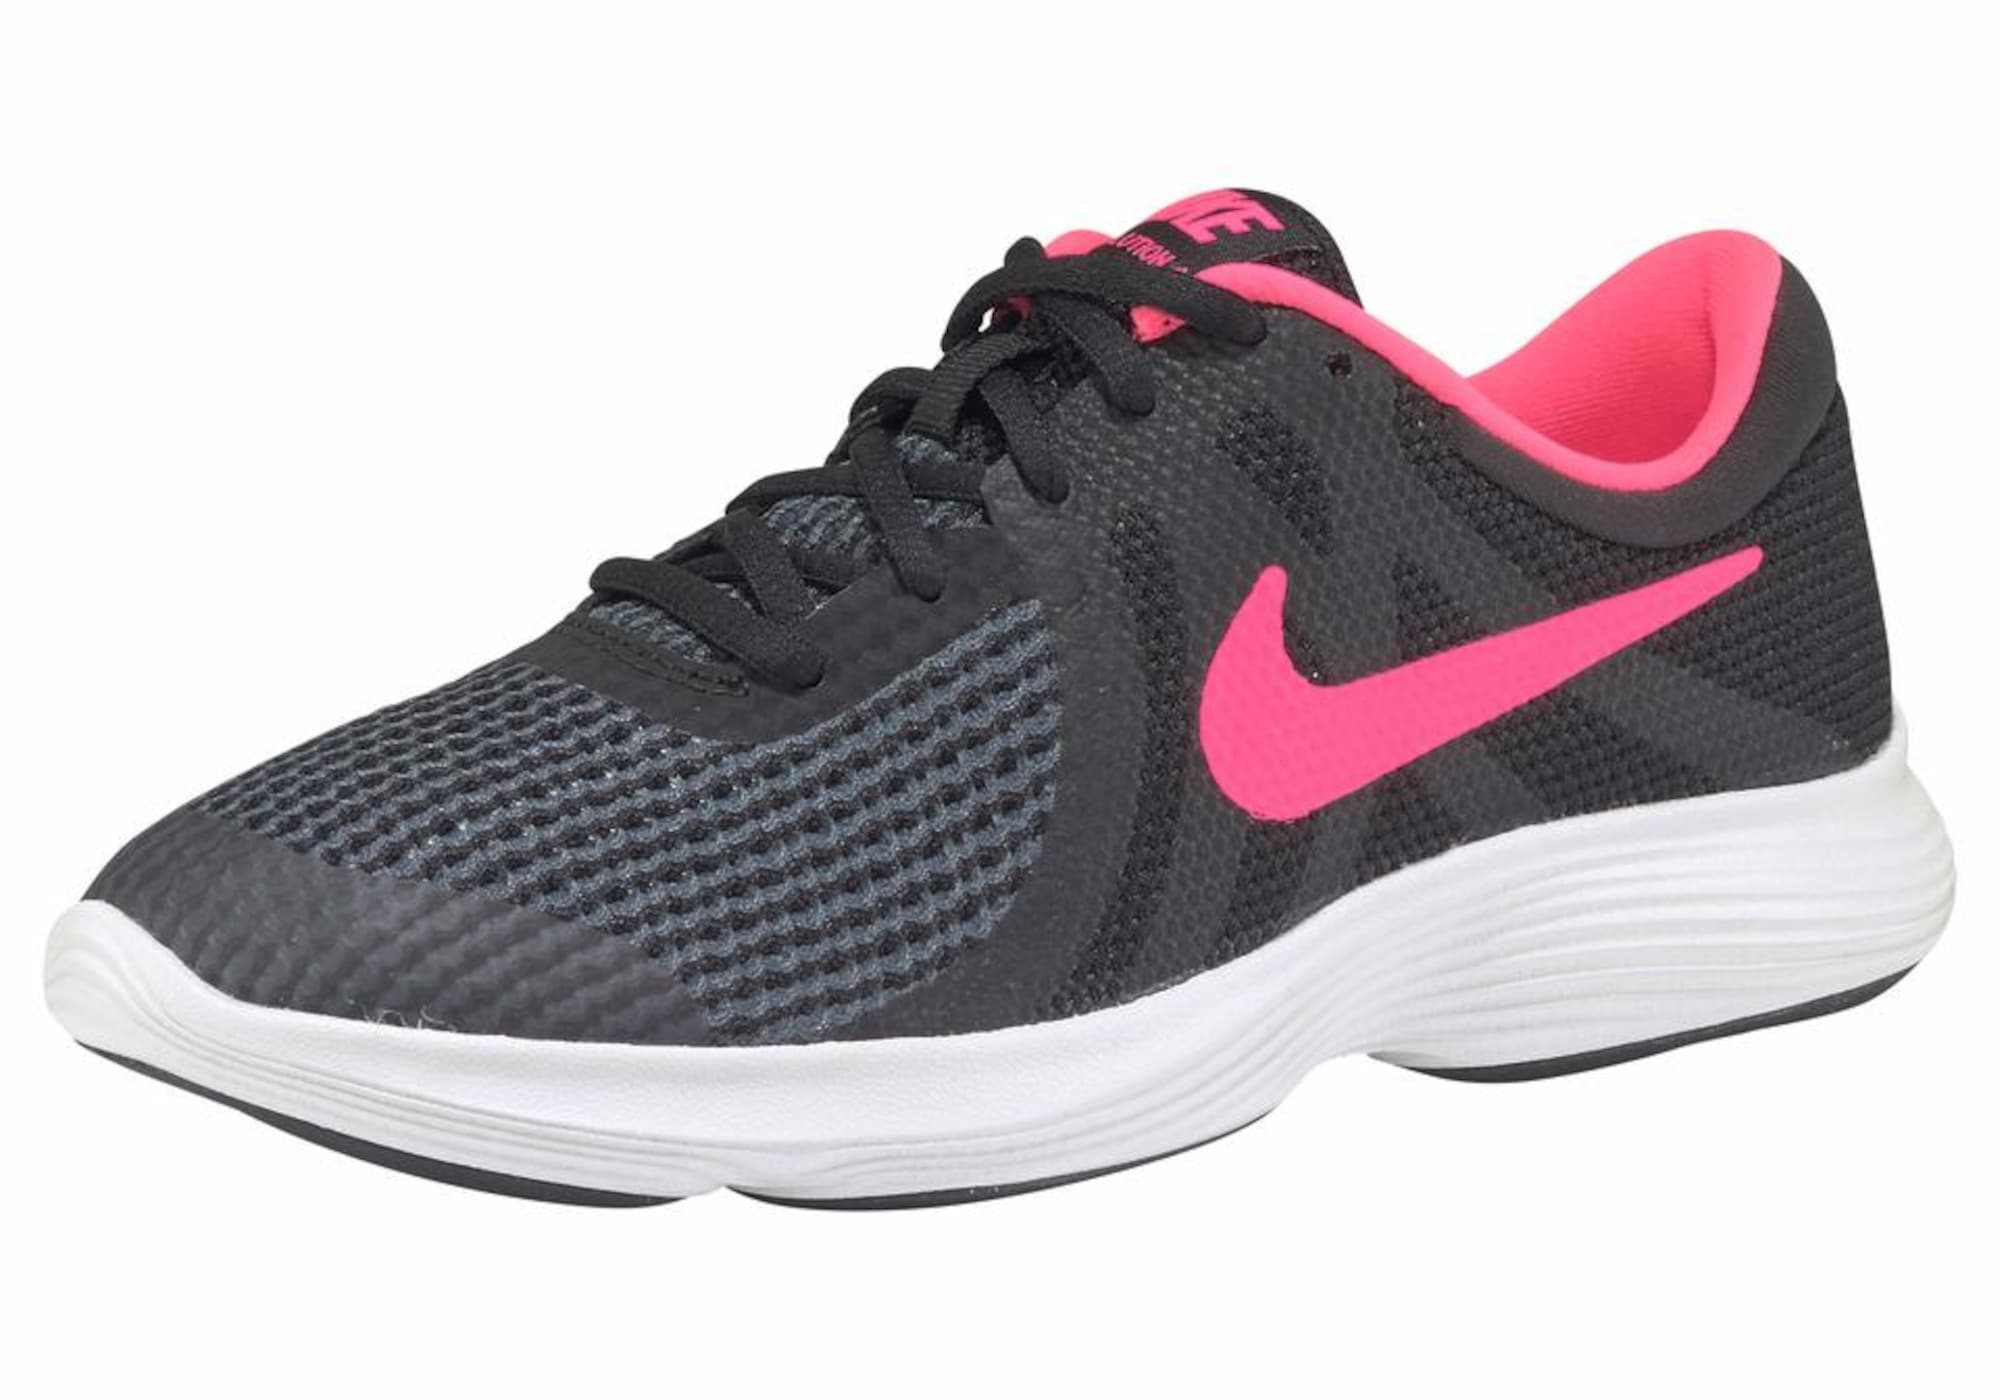 Sportovní boty antracitová svítivě růžová NIKE